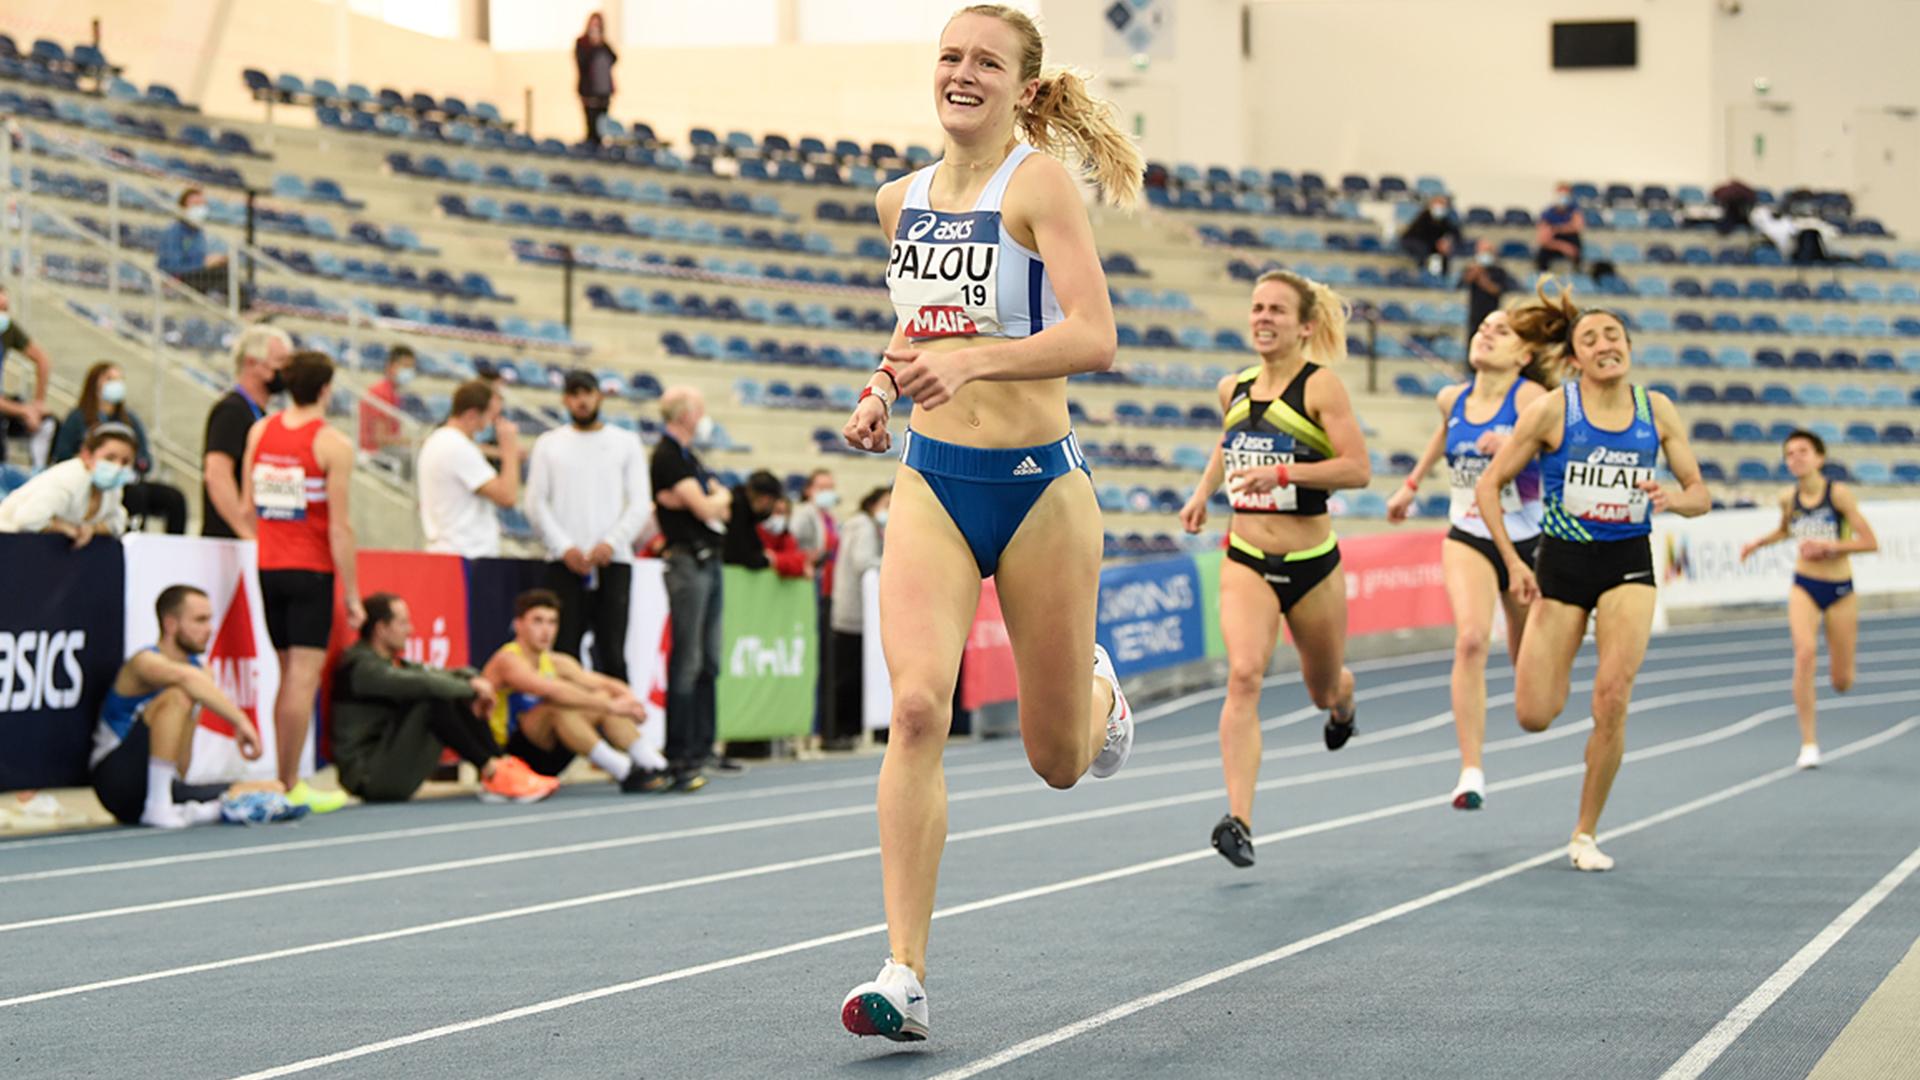 Claire Palou championne de France Elite en salle du 1500 m